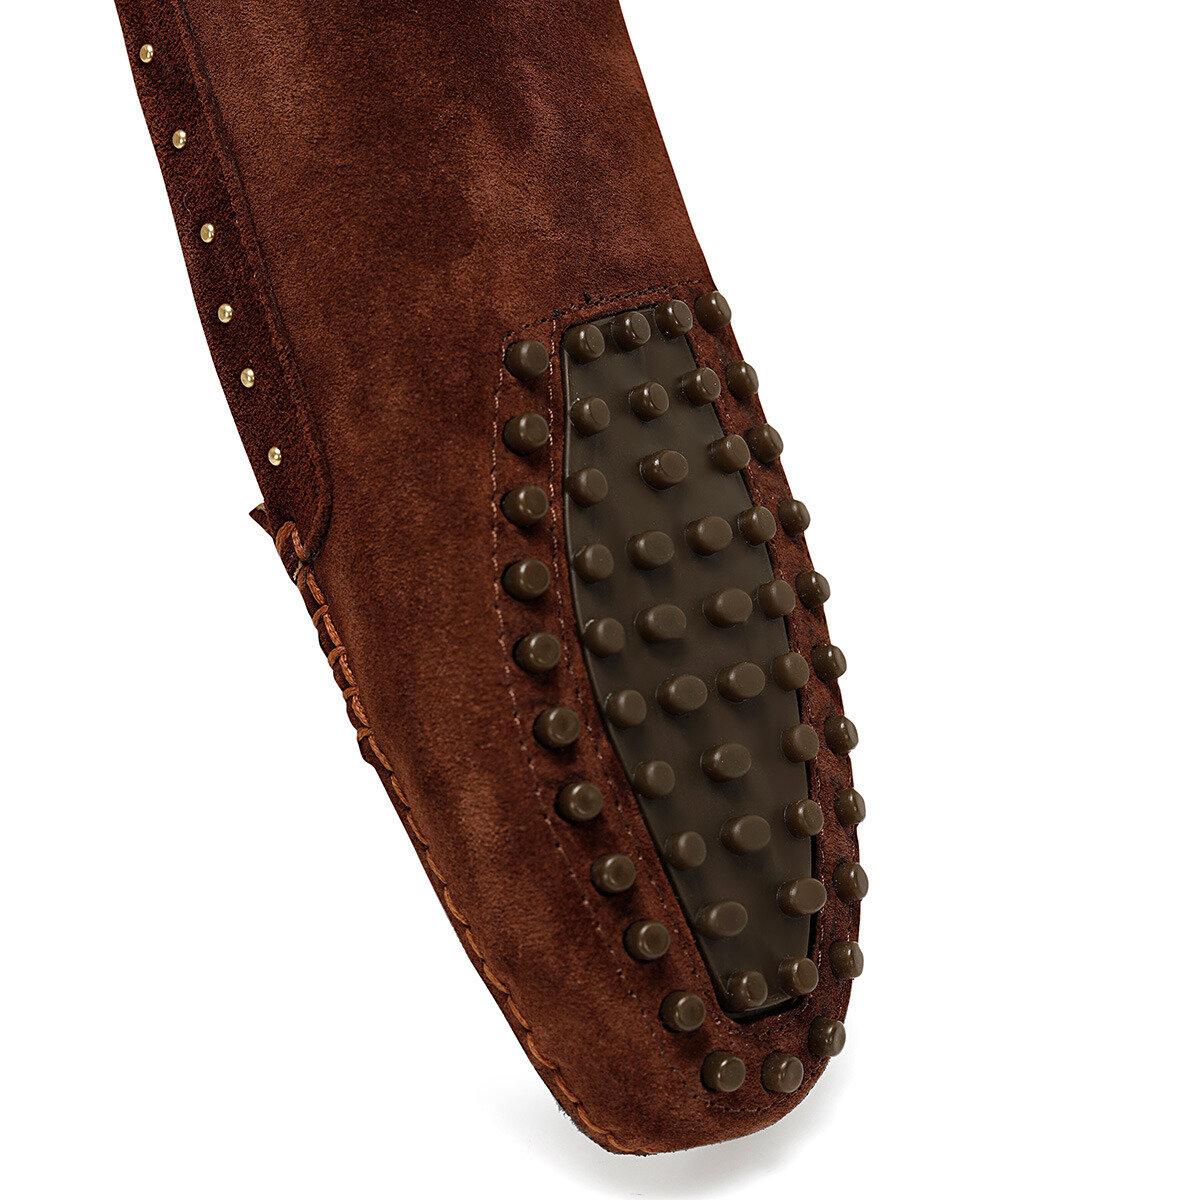 HOLTON Kiremit Kadın Loafer Ayakkabı